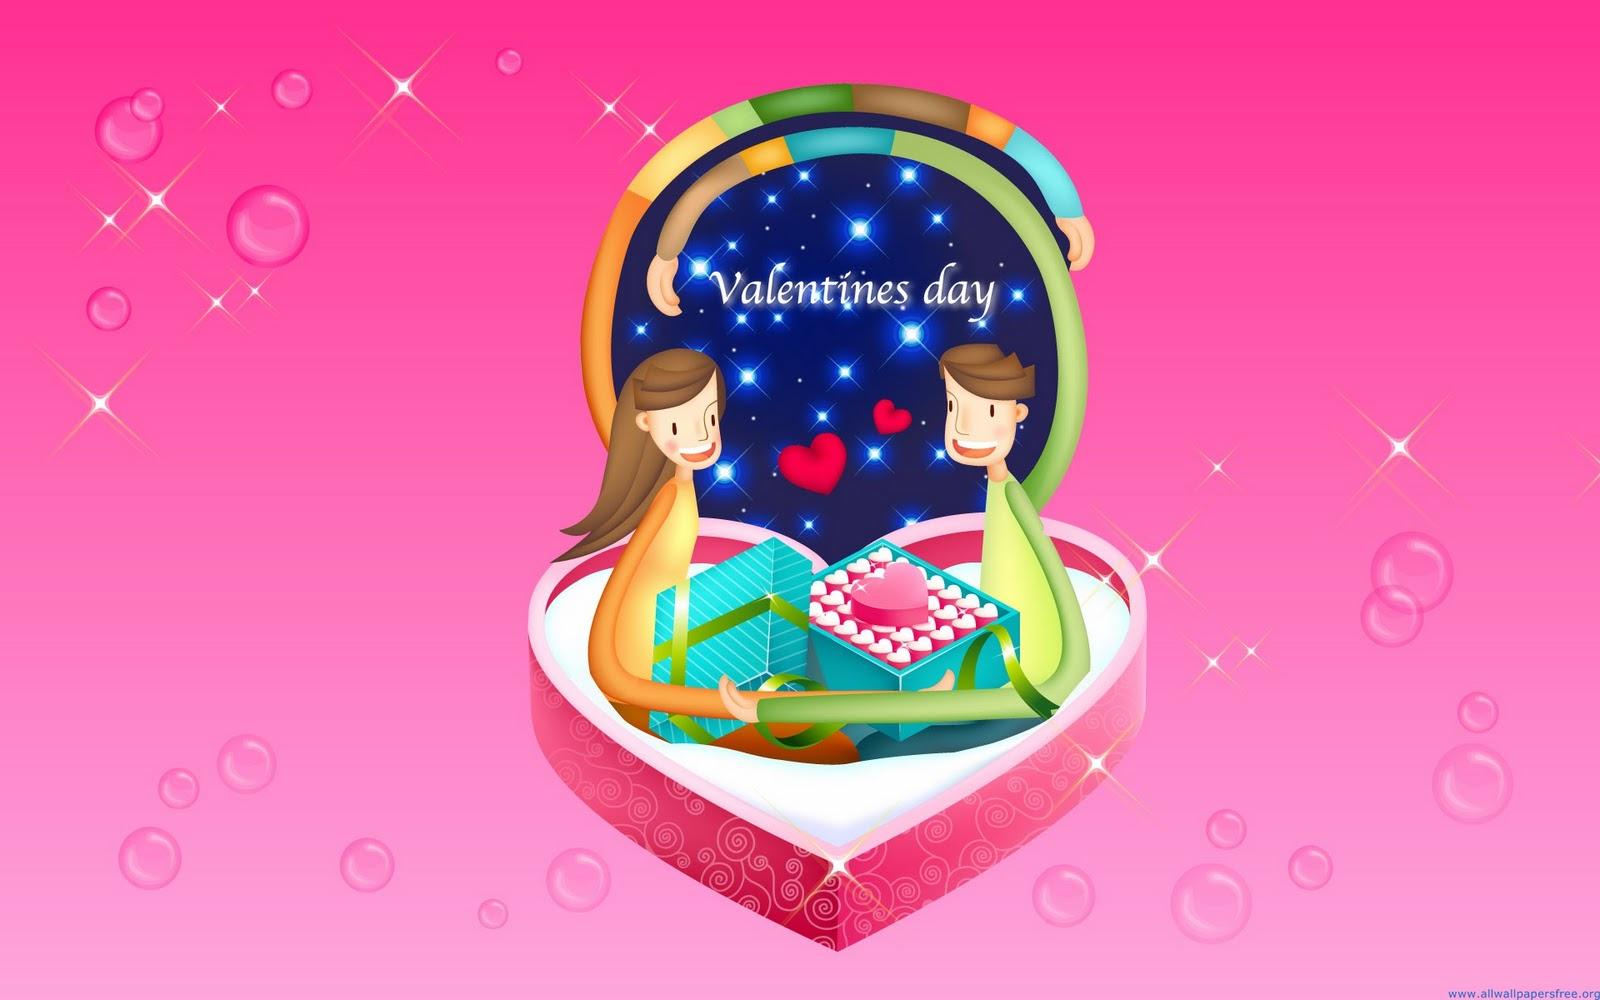 http://3.bp.blogspot.com/-OyKsxKLTIIU/Tyo-sfDK5qI/AAAAAAAAB2s/KgtnQjHaI_I/s1600/Beautiful+Valentine%2527s+Day+HD+Widescreen+Wallpapers+%252872%2529.jpg